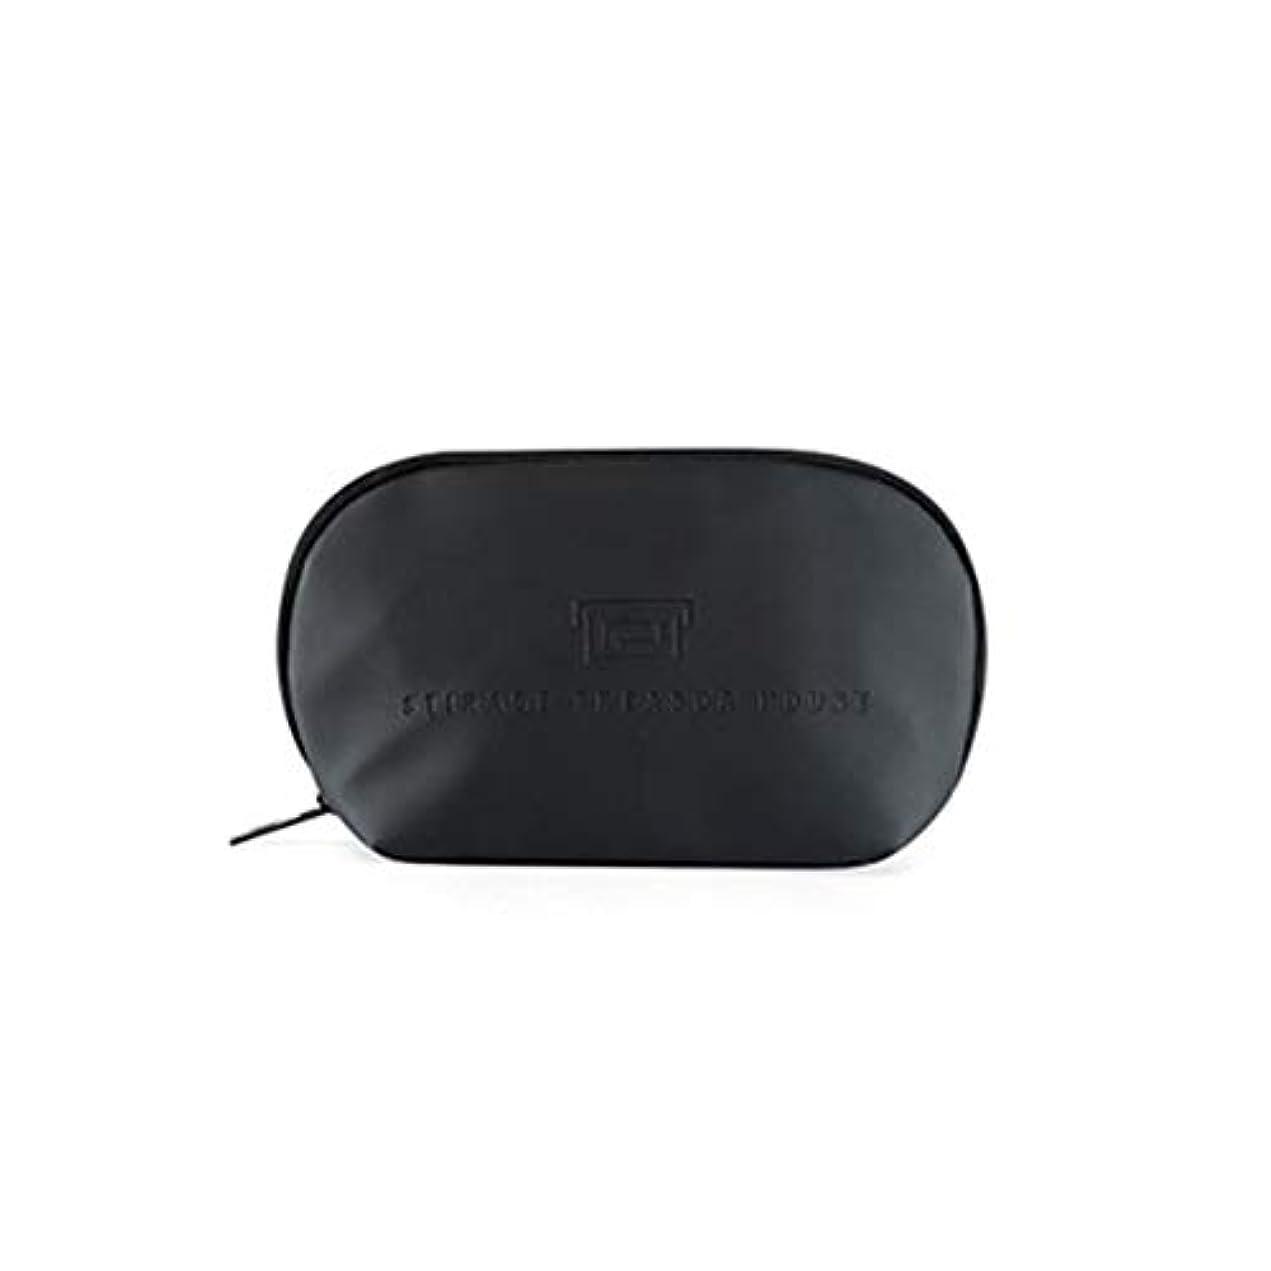 従事した克服するお誕生日トラベルトイレタリーバッグ(男性と女性用)化粧バッグ化粧バッグ浴室とシャワーオーガナイザーキット漏れ防止,Black,XL